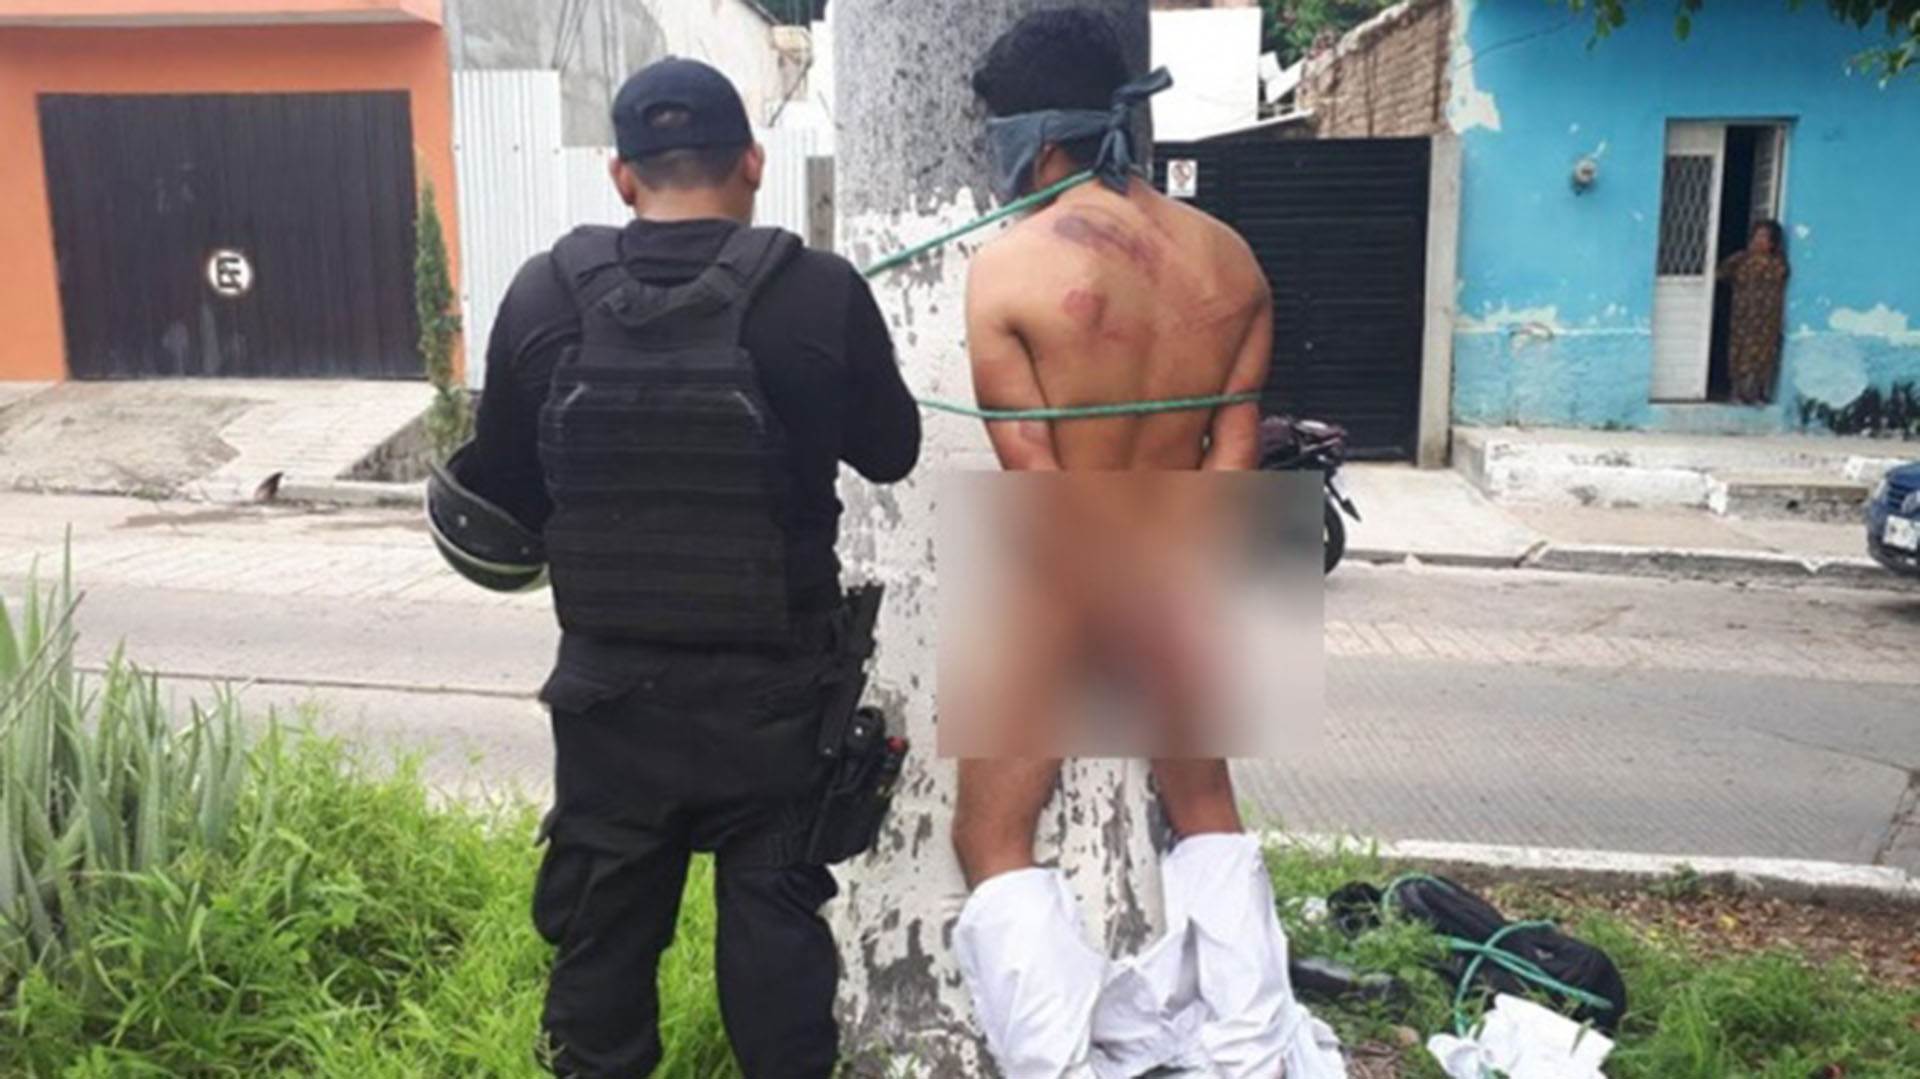 Al supuesto asaltante lo golpearon y amarraron a un árbol., en Chiapas (Foto: Archivo)